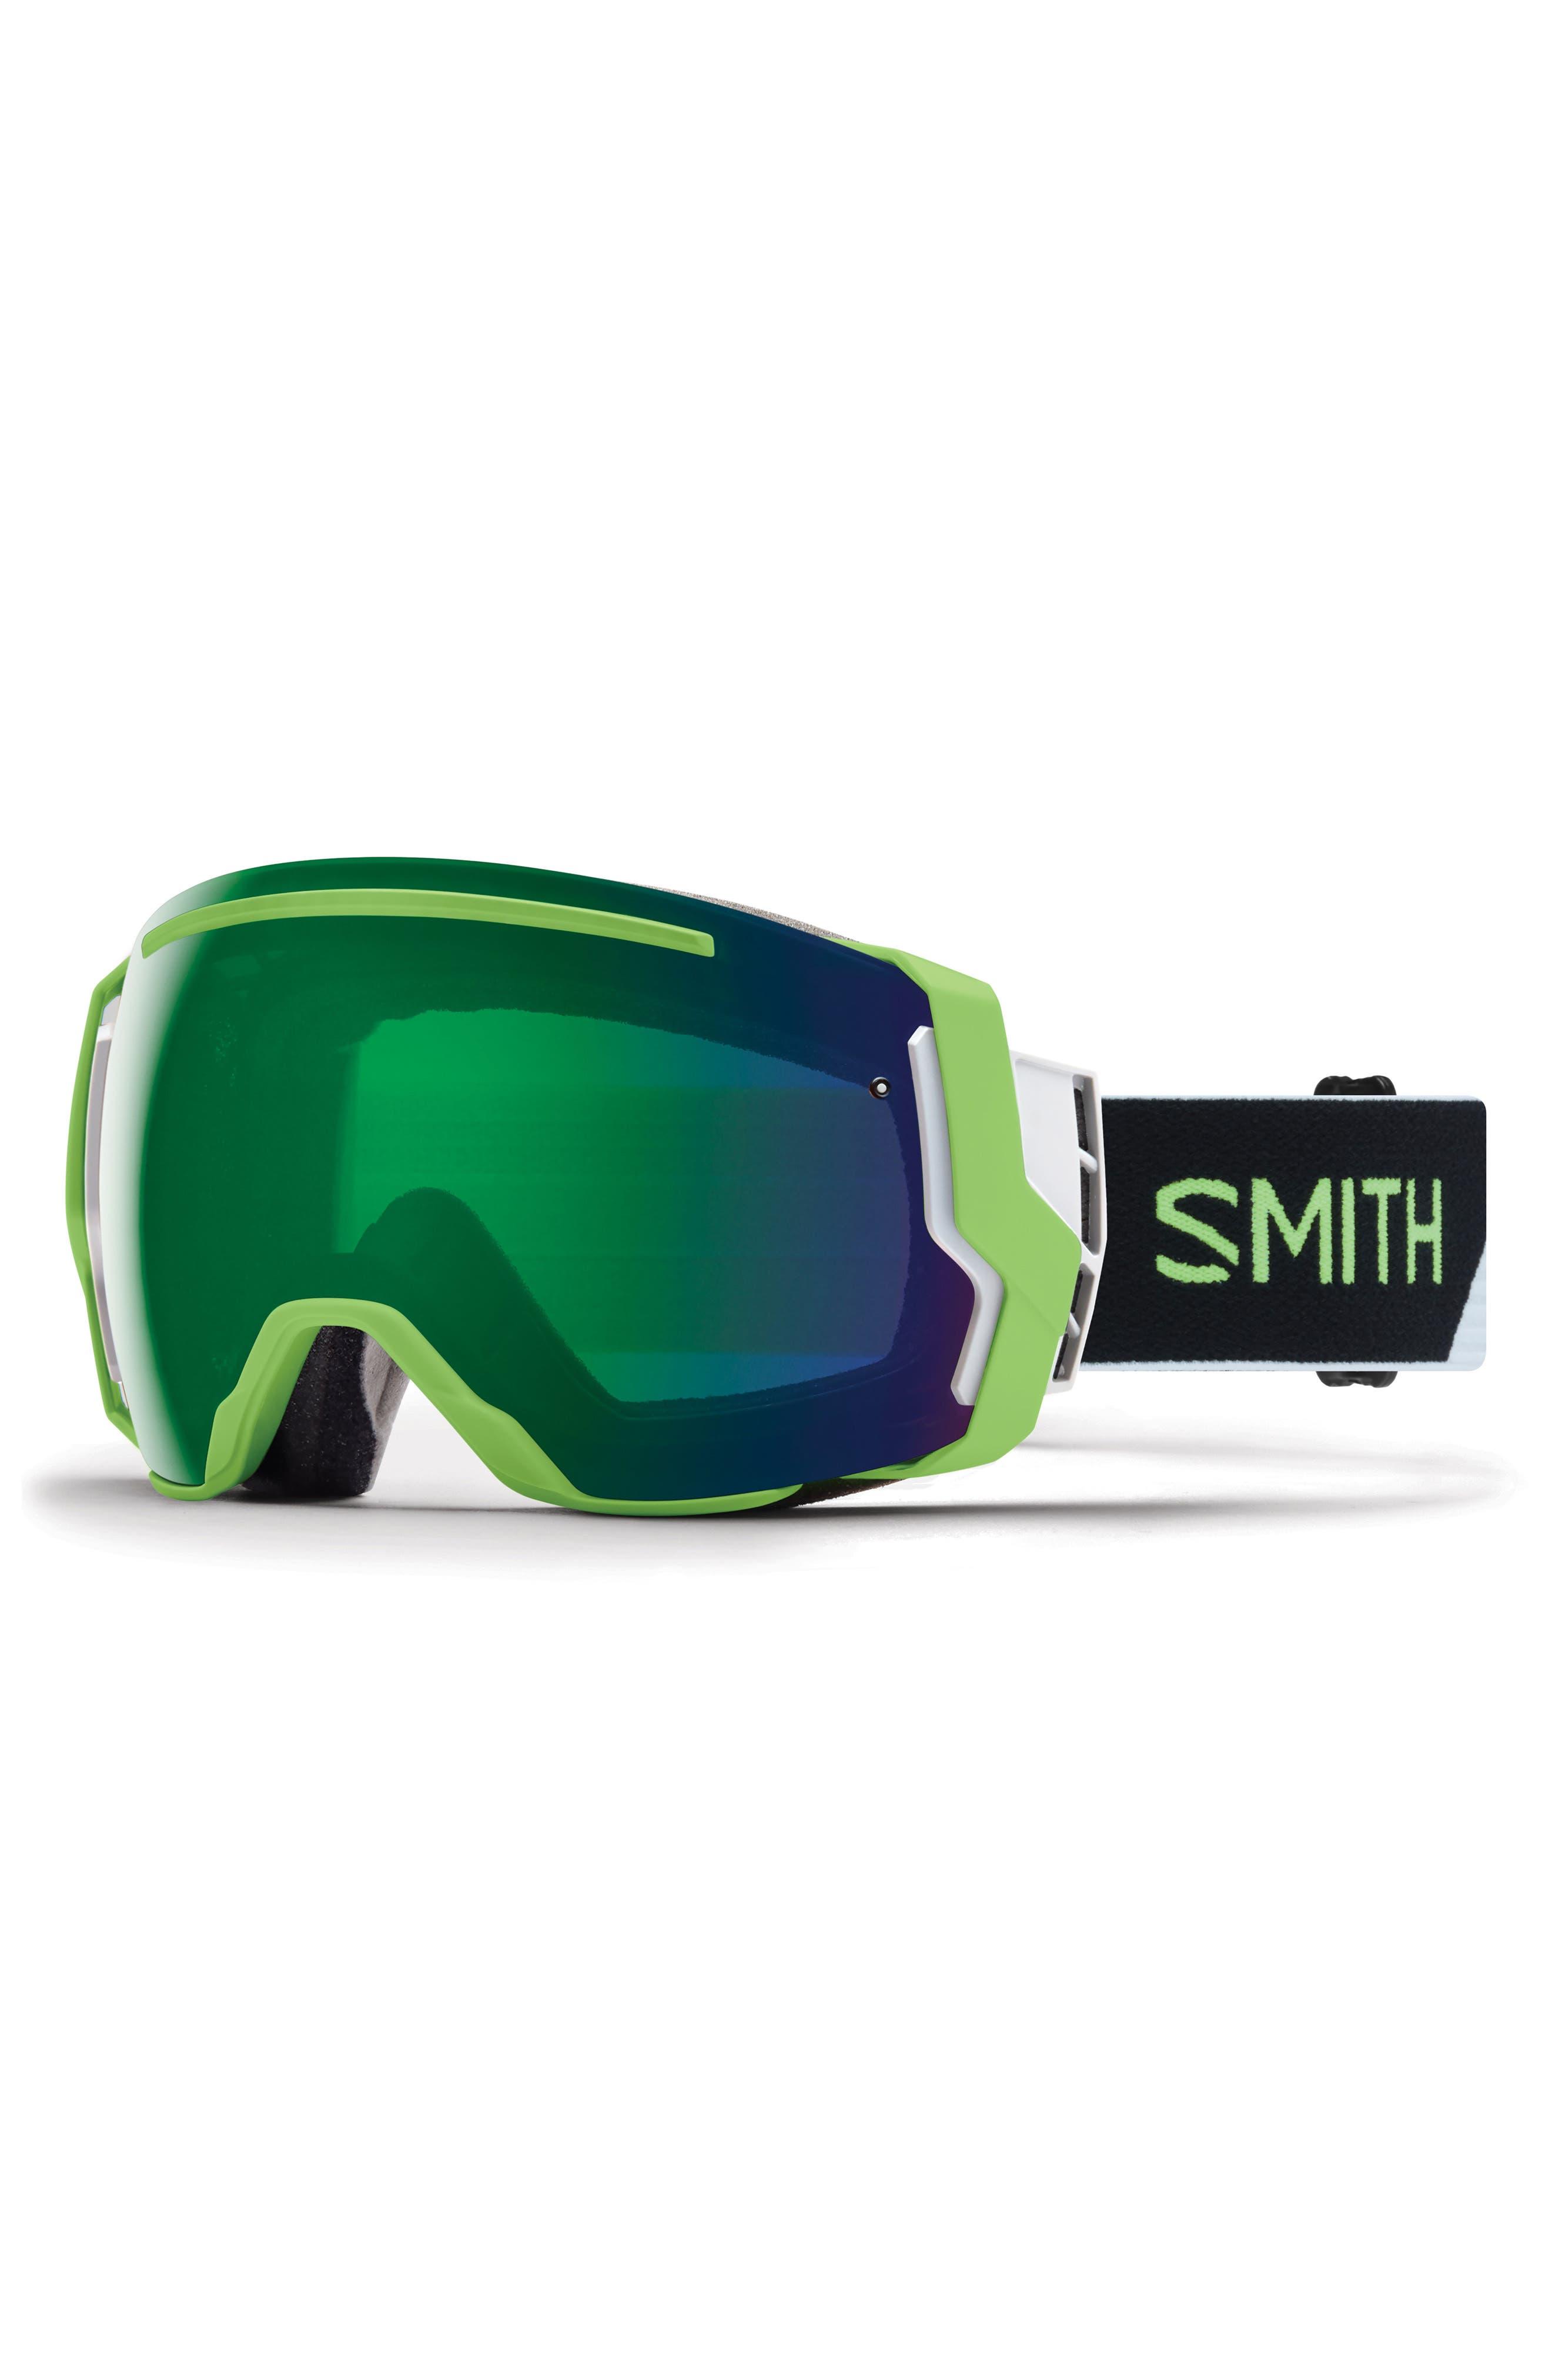 I/O7 Chromapop 185mm Snow Goggles,                         Main,                         color, Reactor Split